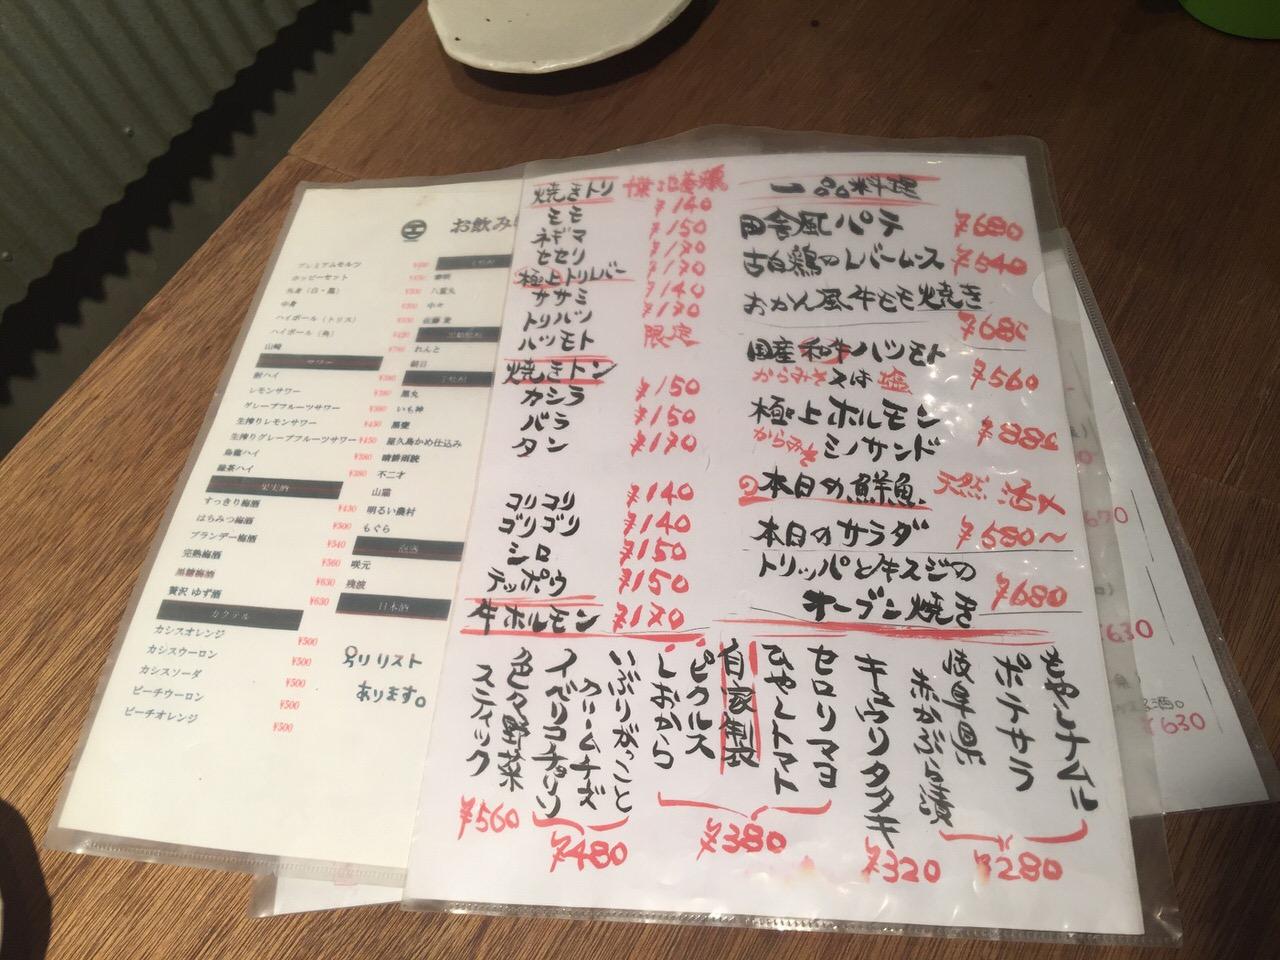 Takumi shinbashi 7205